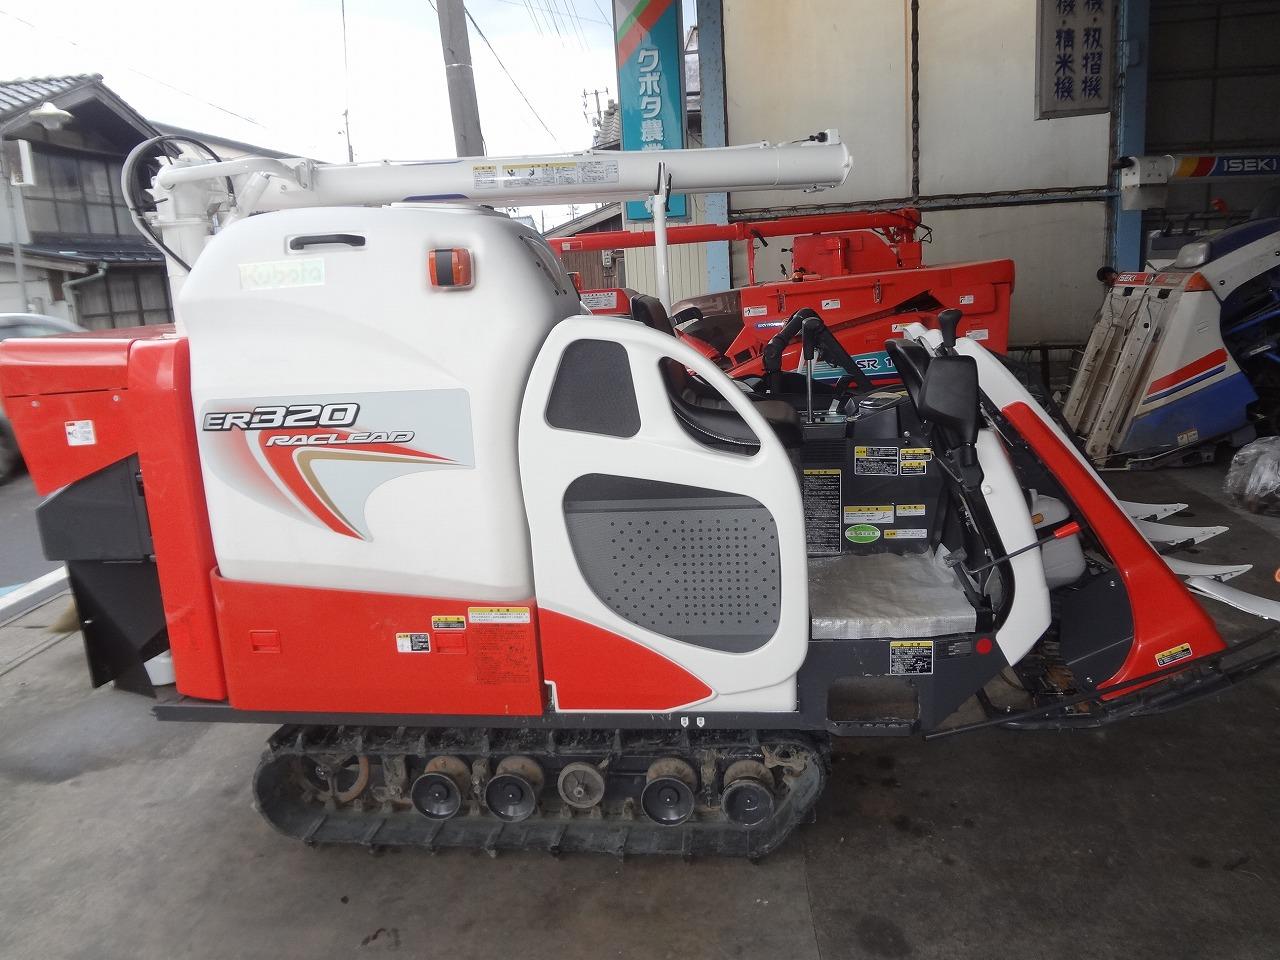 実演機 3条刈20馬力 ER320GW2 たった9時間 定価370万円